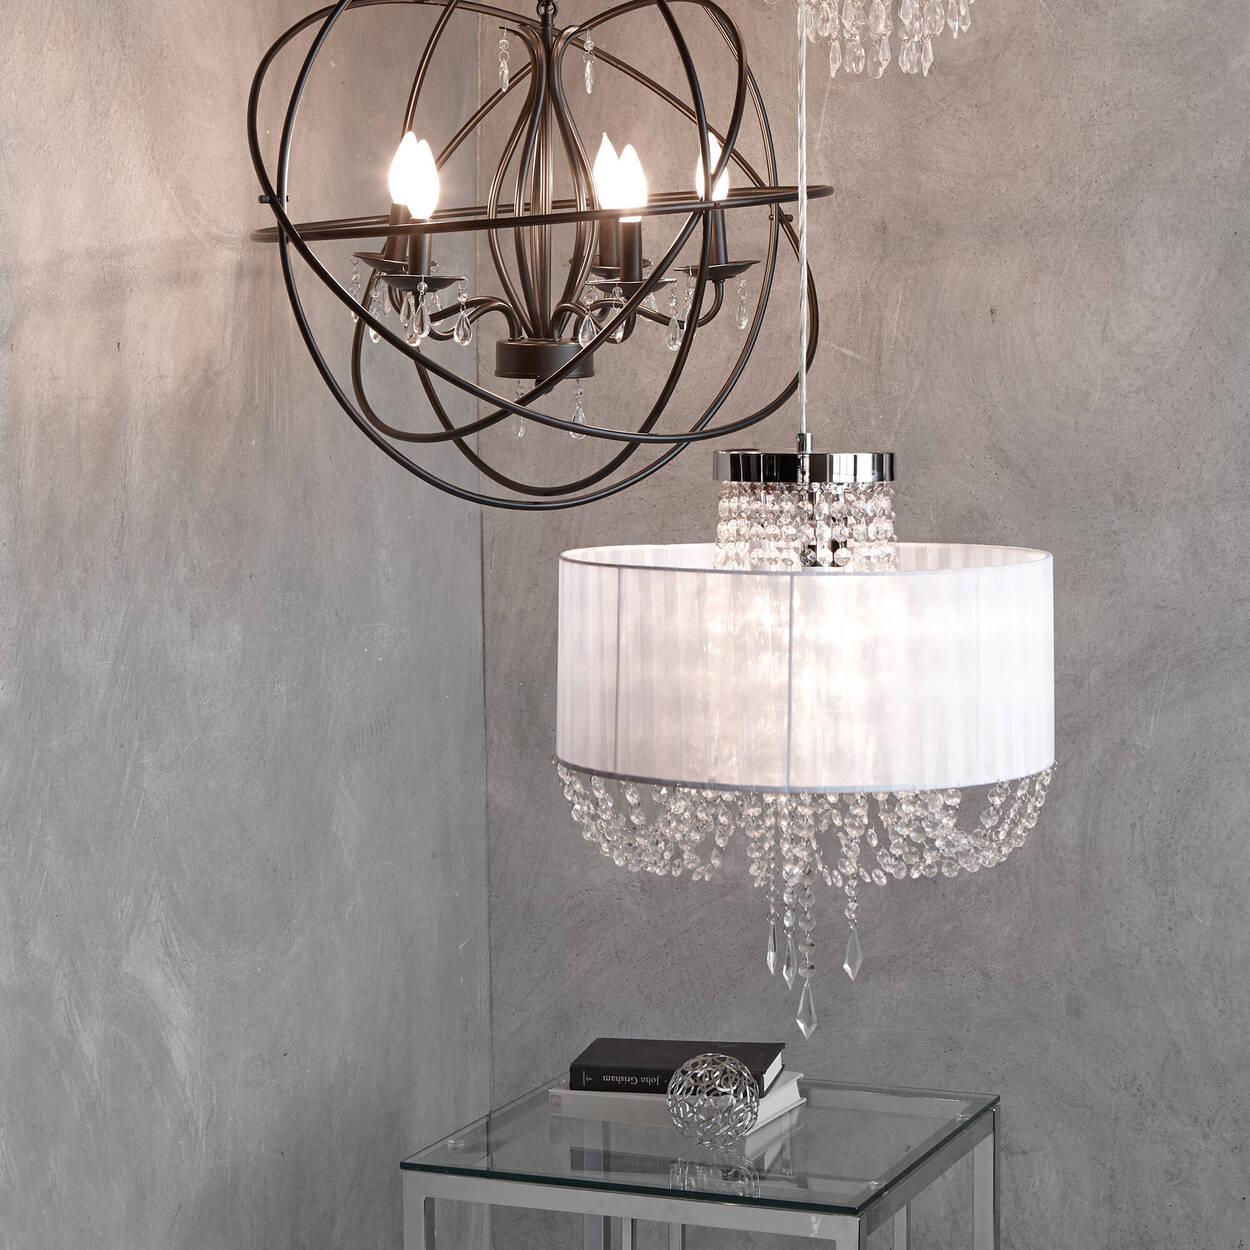 Lampe suspendue avec ruban et gouttelettes